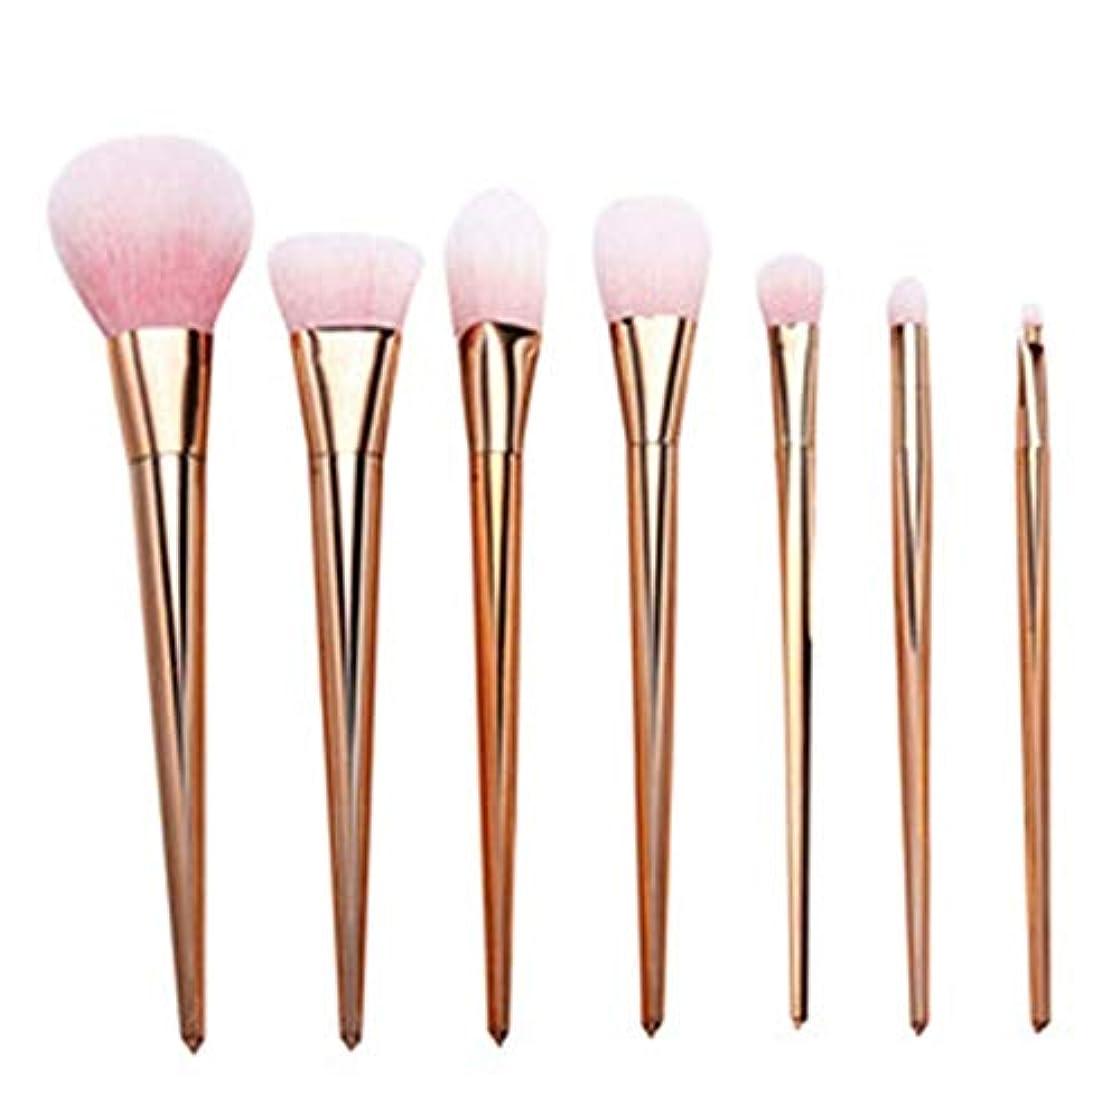 セールスマン展望台投資プロ メイクブラシ 化粧筆 シリーズ 化粧ブラシセット 高級タクロン 超柔らかい 可愛い リップブラシツール 7本セット (Color : Rose Gold)